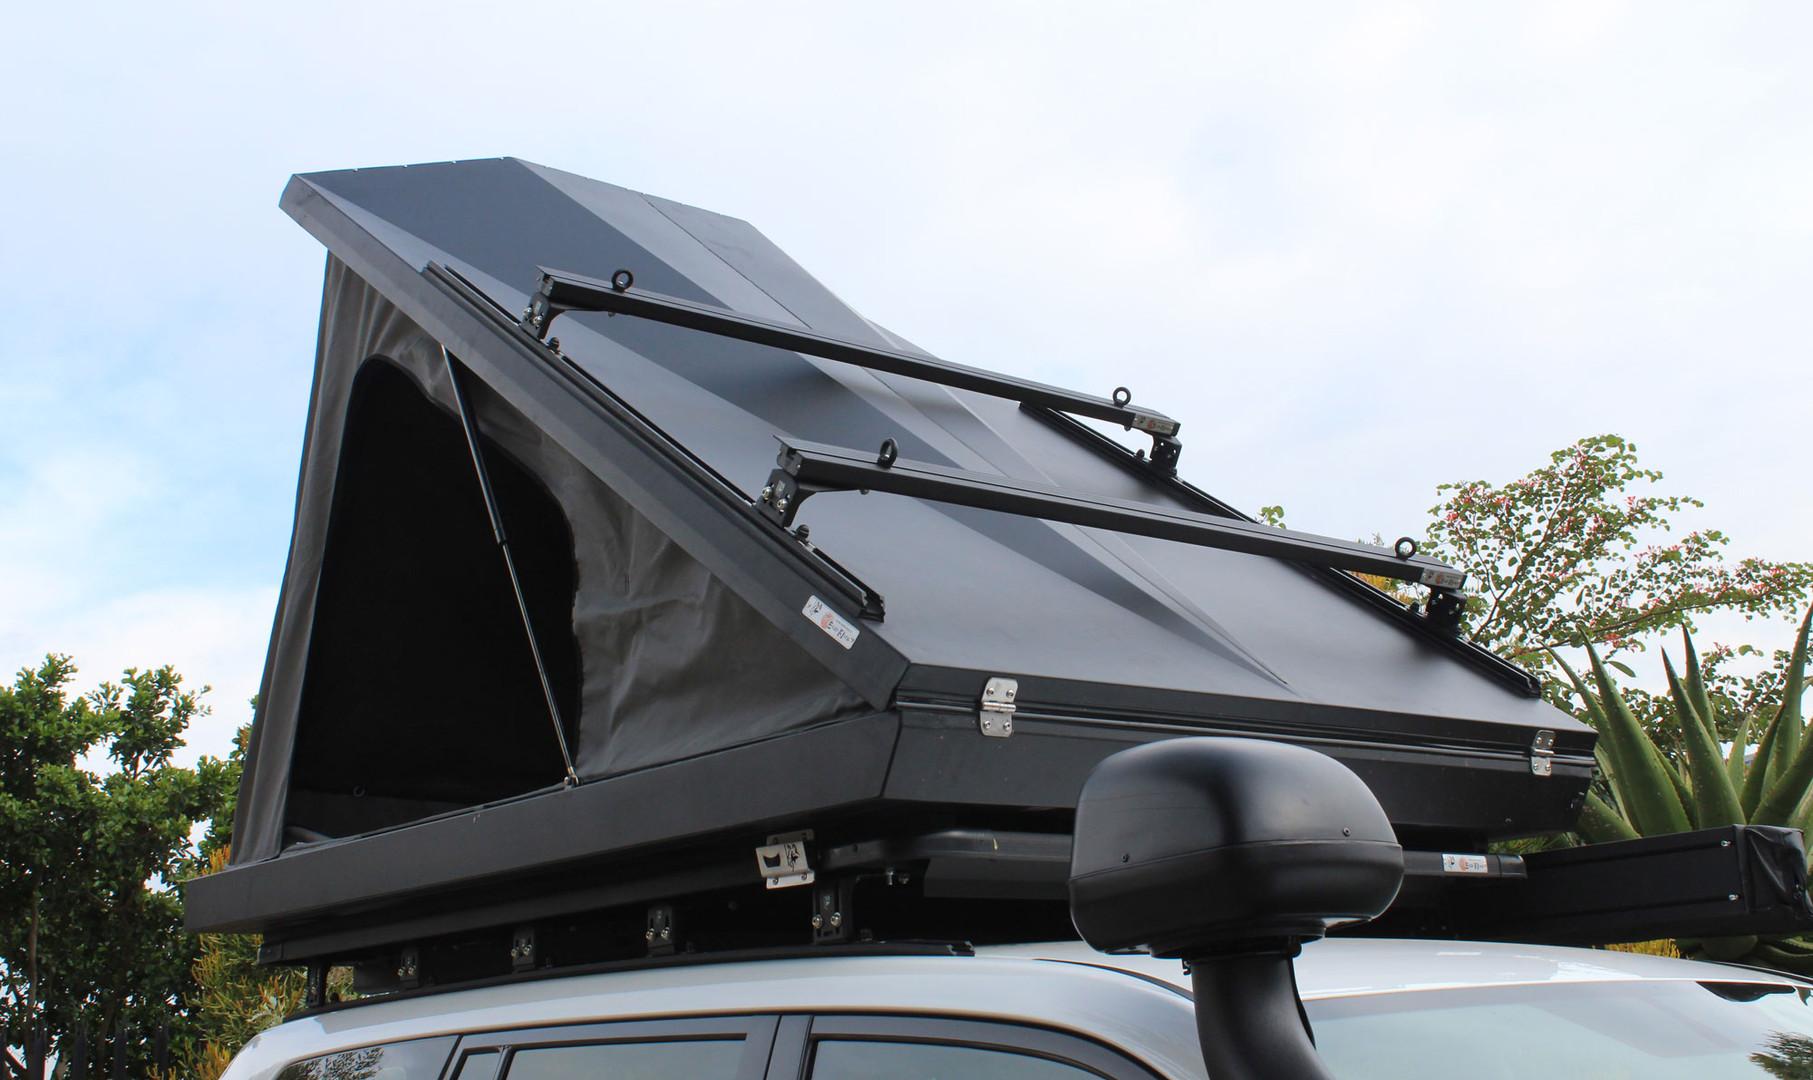 Eezi-Awn-Blade-Tent-13-feature.jpg